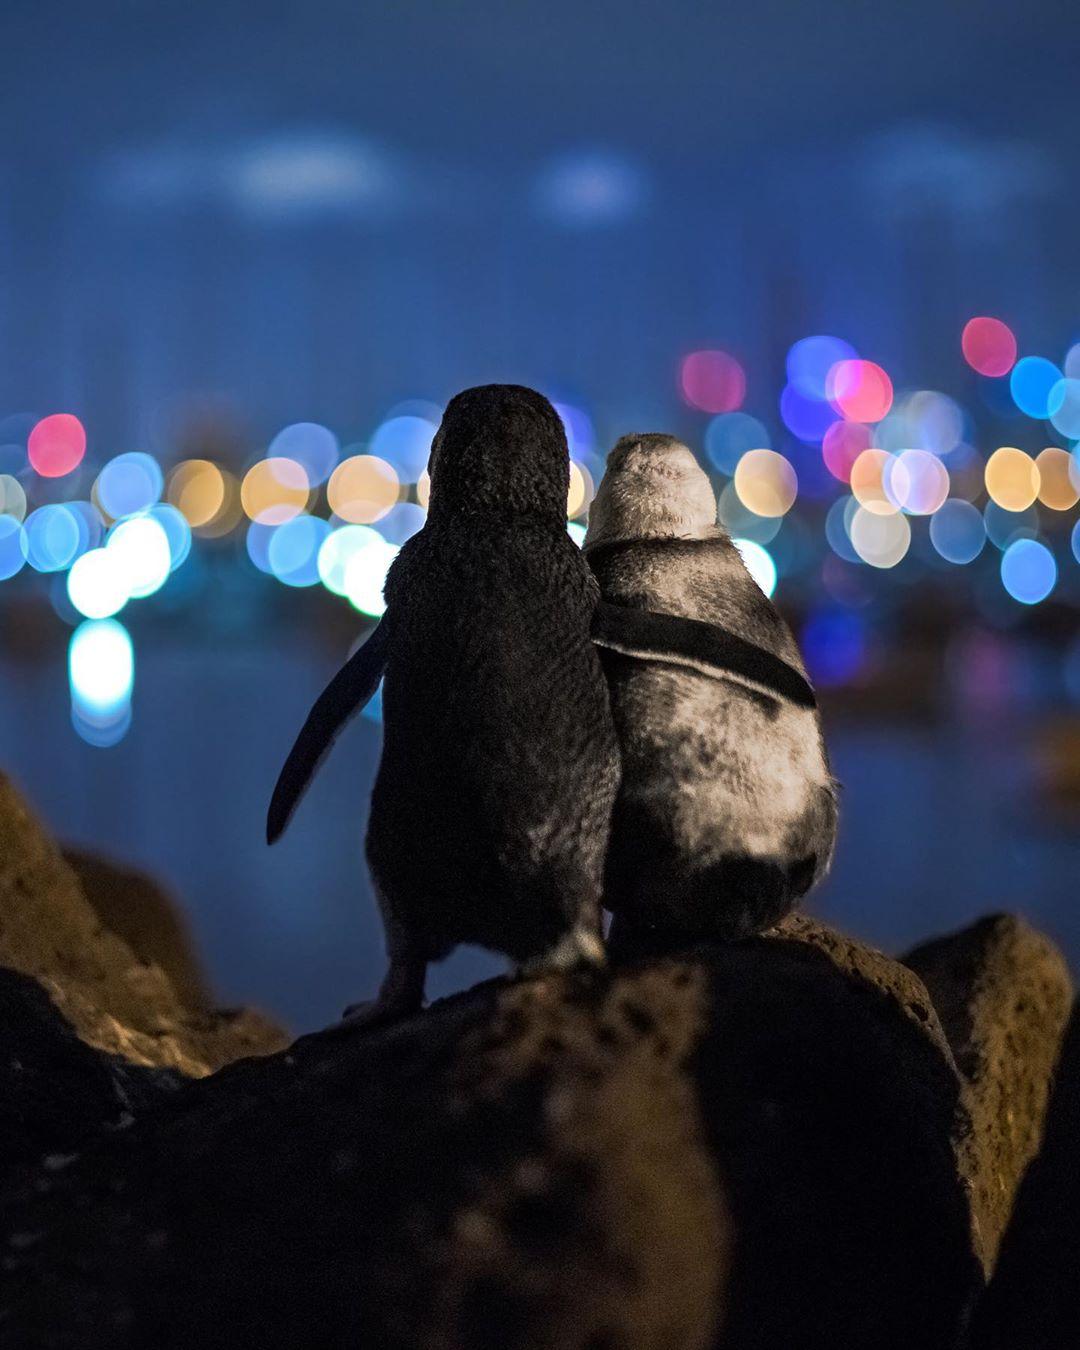 El reconfortante abrazo de dos pingüinos mirando al horizonte